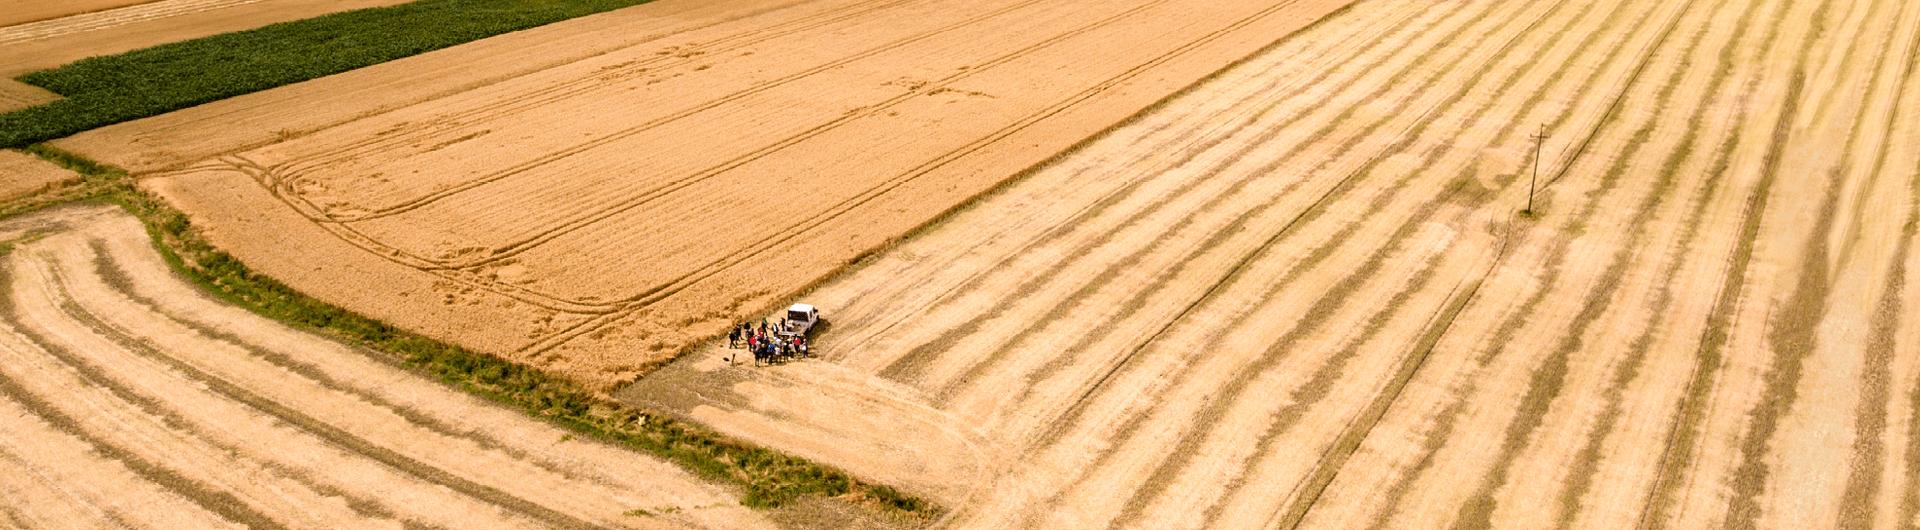 Projekt eDWIN, czyli rolnictwo przyszłości na naszych o...